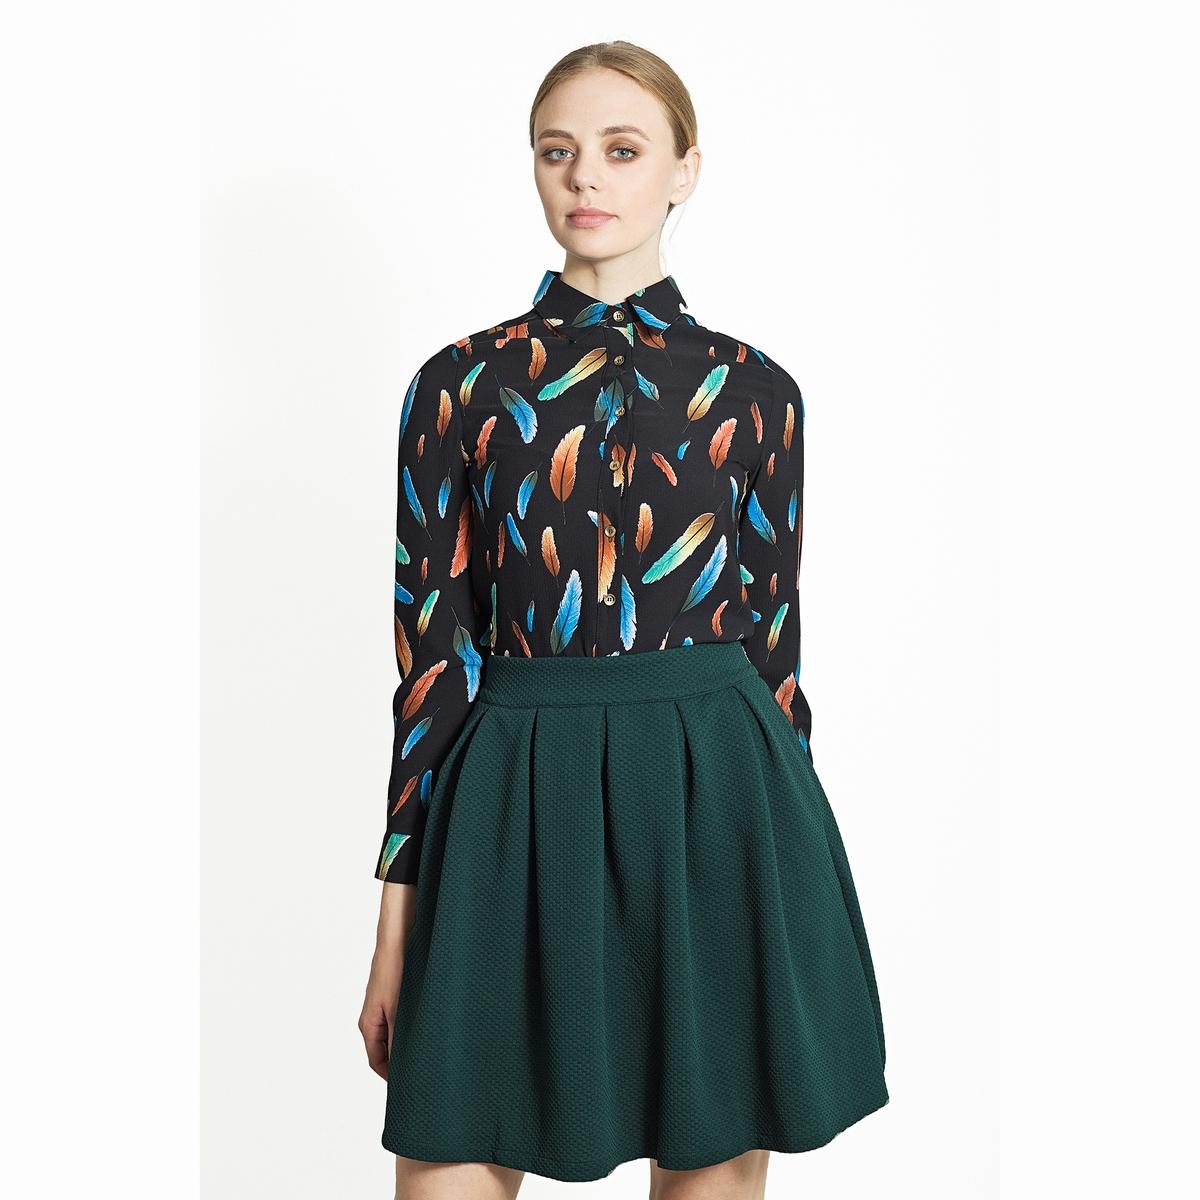 Юбка расклешенная с высокой посадкойРасклешенная юбка. Модная короткая юбка с высокой посадкой из красивого материала со складками. Состав и описаниеМатериалы: 100% полиэстер.Марка: Migle+MeУходСледуйте рекомендациям по уходу, указанным на этикетке изделия.<br><br>Цвет: зеленый<br>Размер: L.M